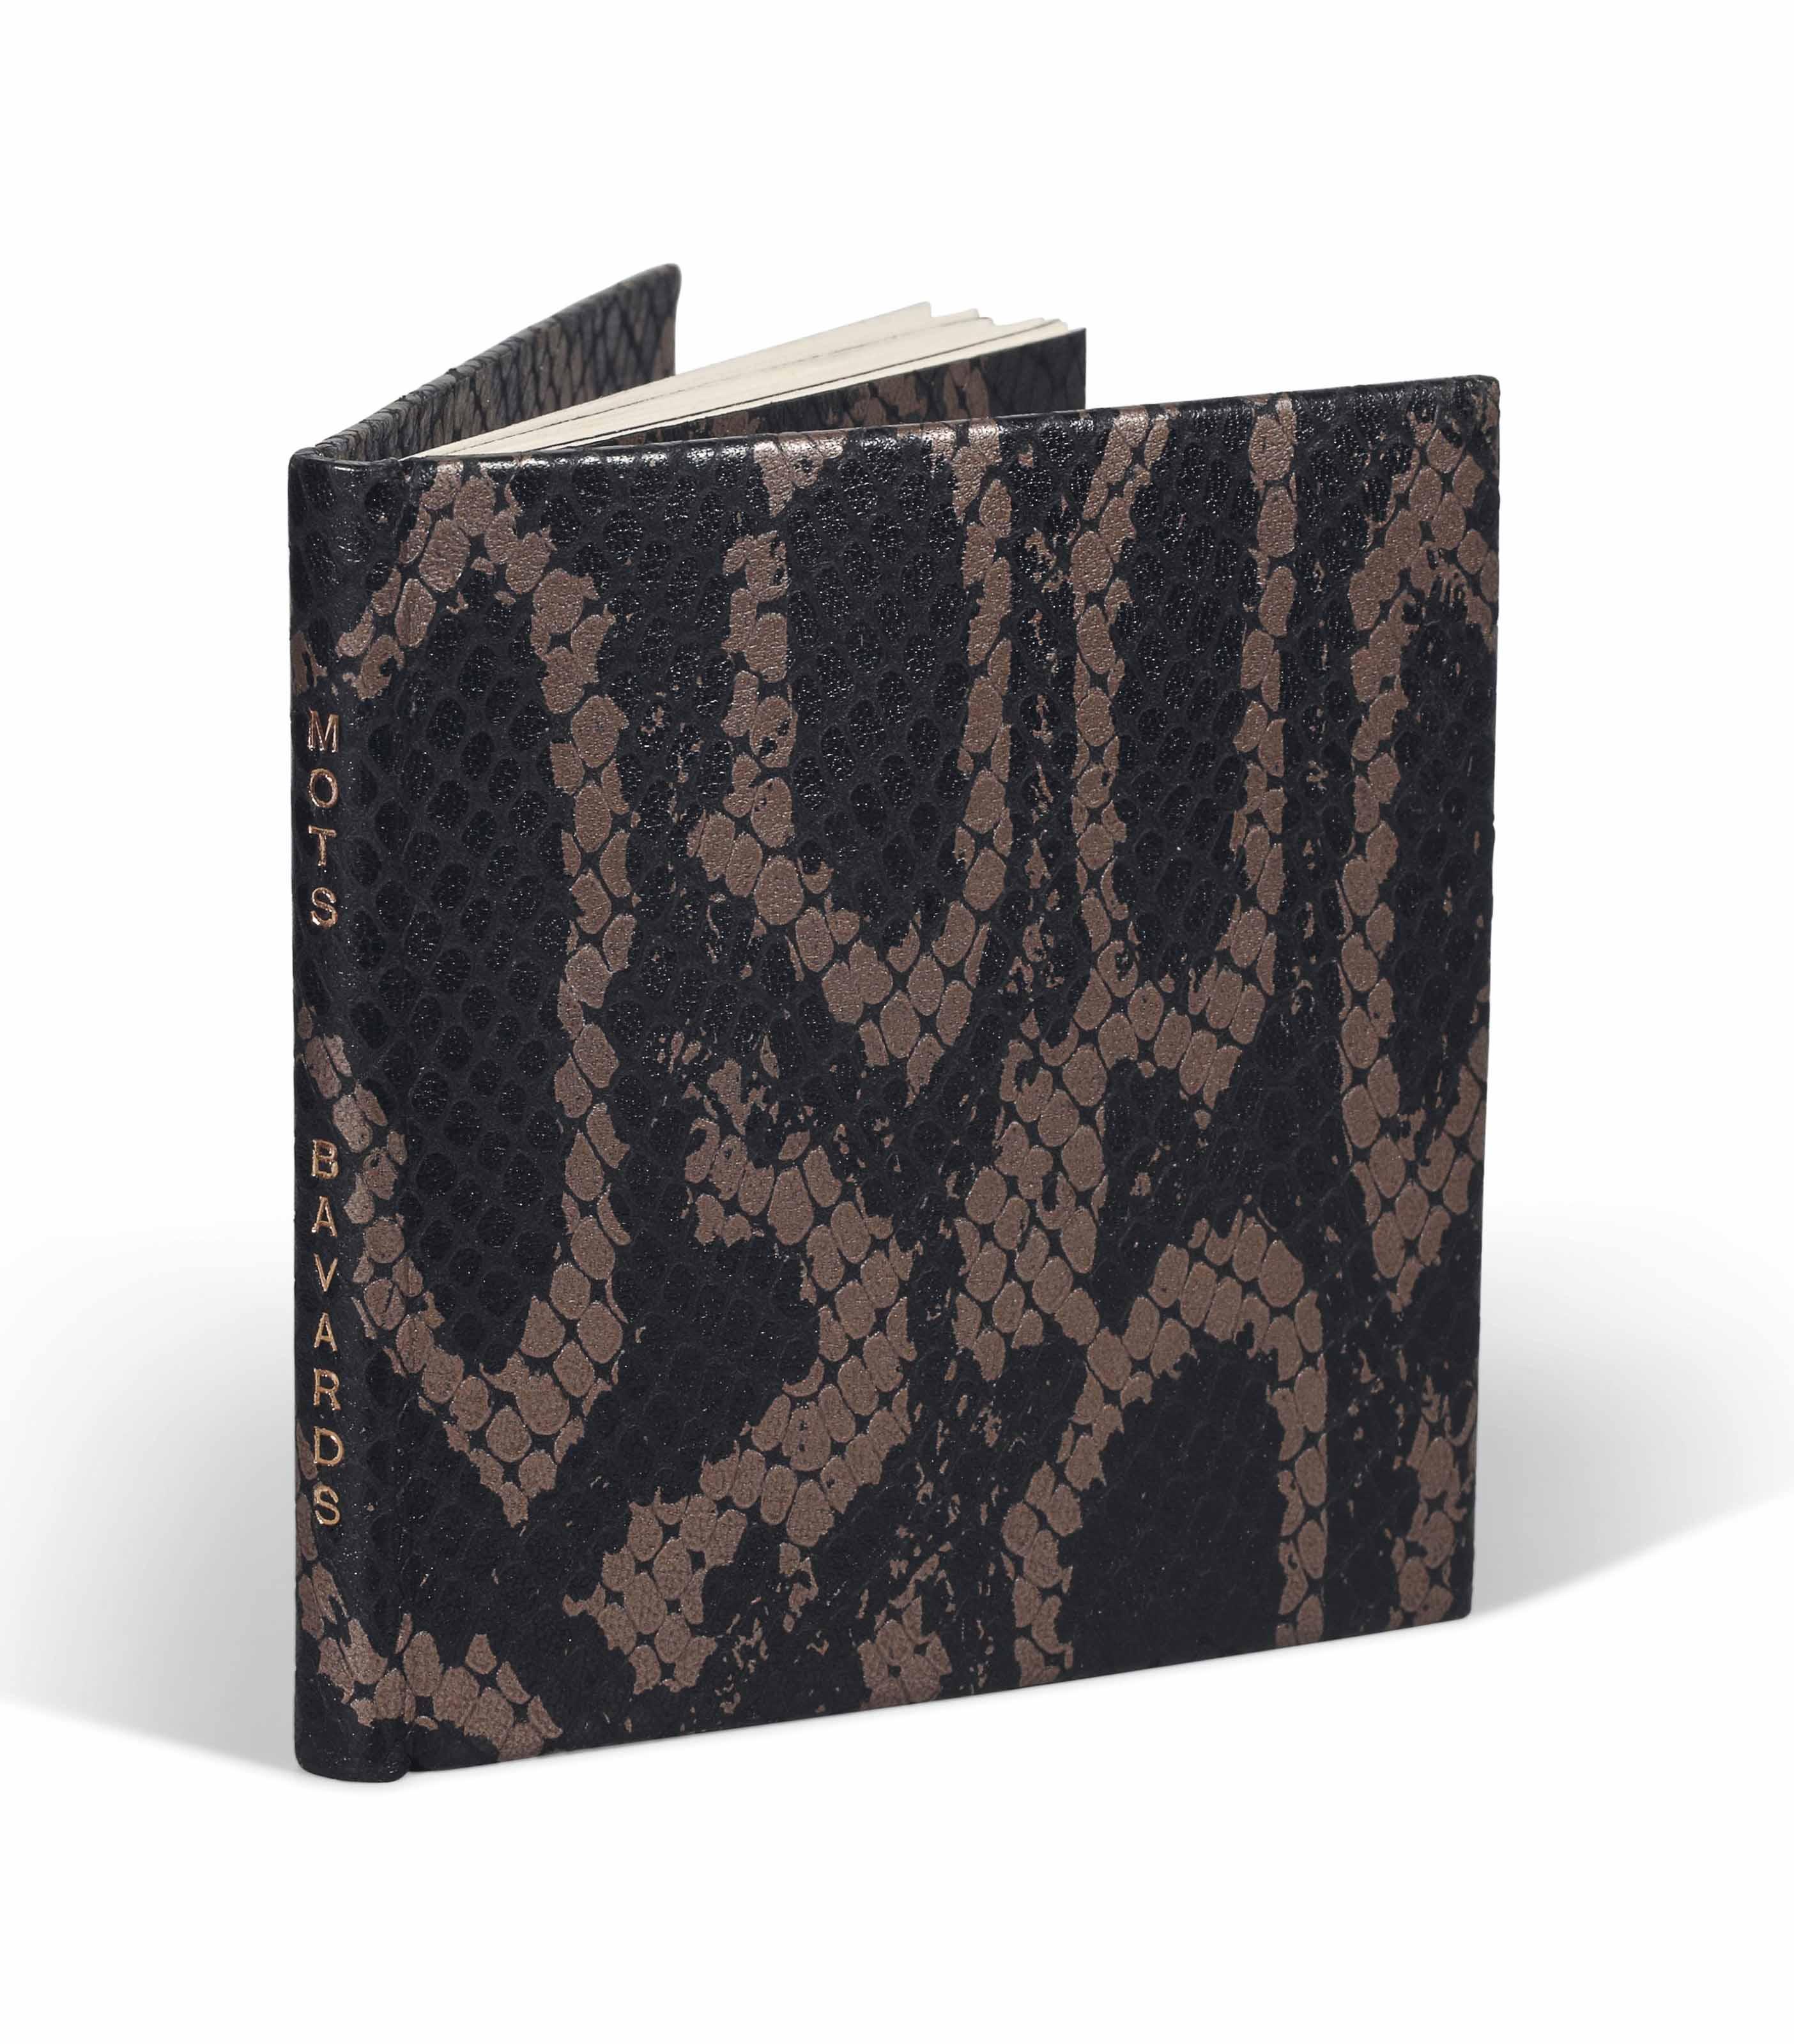 [ALECHINSKY] – Camille BRYEN (1907-1977, Camille Briand, dit). Mots bavards. [Alès] : PAB, [1984]. In-16 carré (92 x 90 mm). 3 gravures originales de Pierre Alechinsky, dont une signée et une ornant la couverture. Reliure signée Leroux au contreplat et datée 1986, maroquin ébène orné d'un décor de croisillons et peint à l'or imitant du cobra, dos lisse, doublure et gardes de même cuir décoré, couverture, chemise et étui assortis.